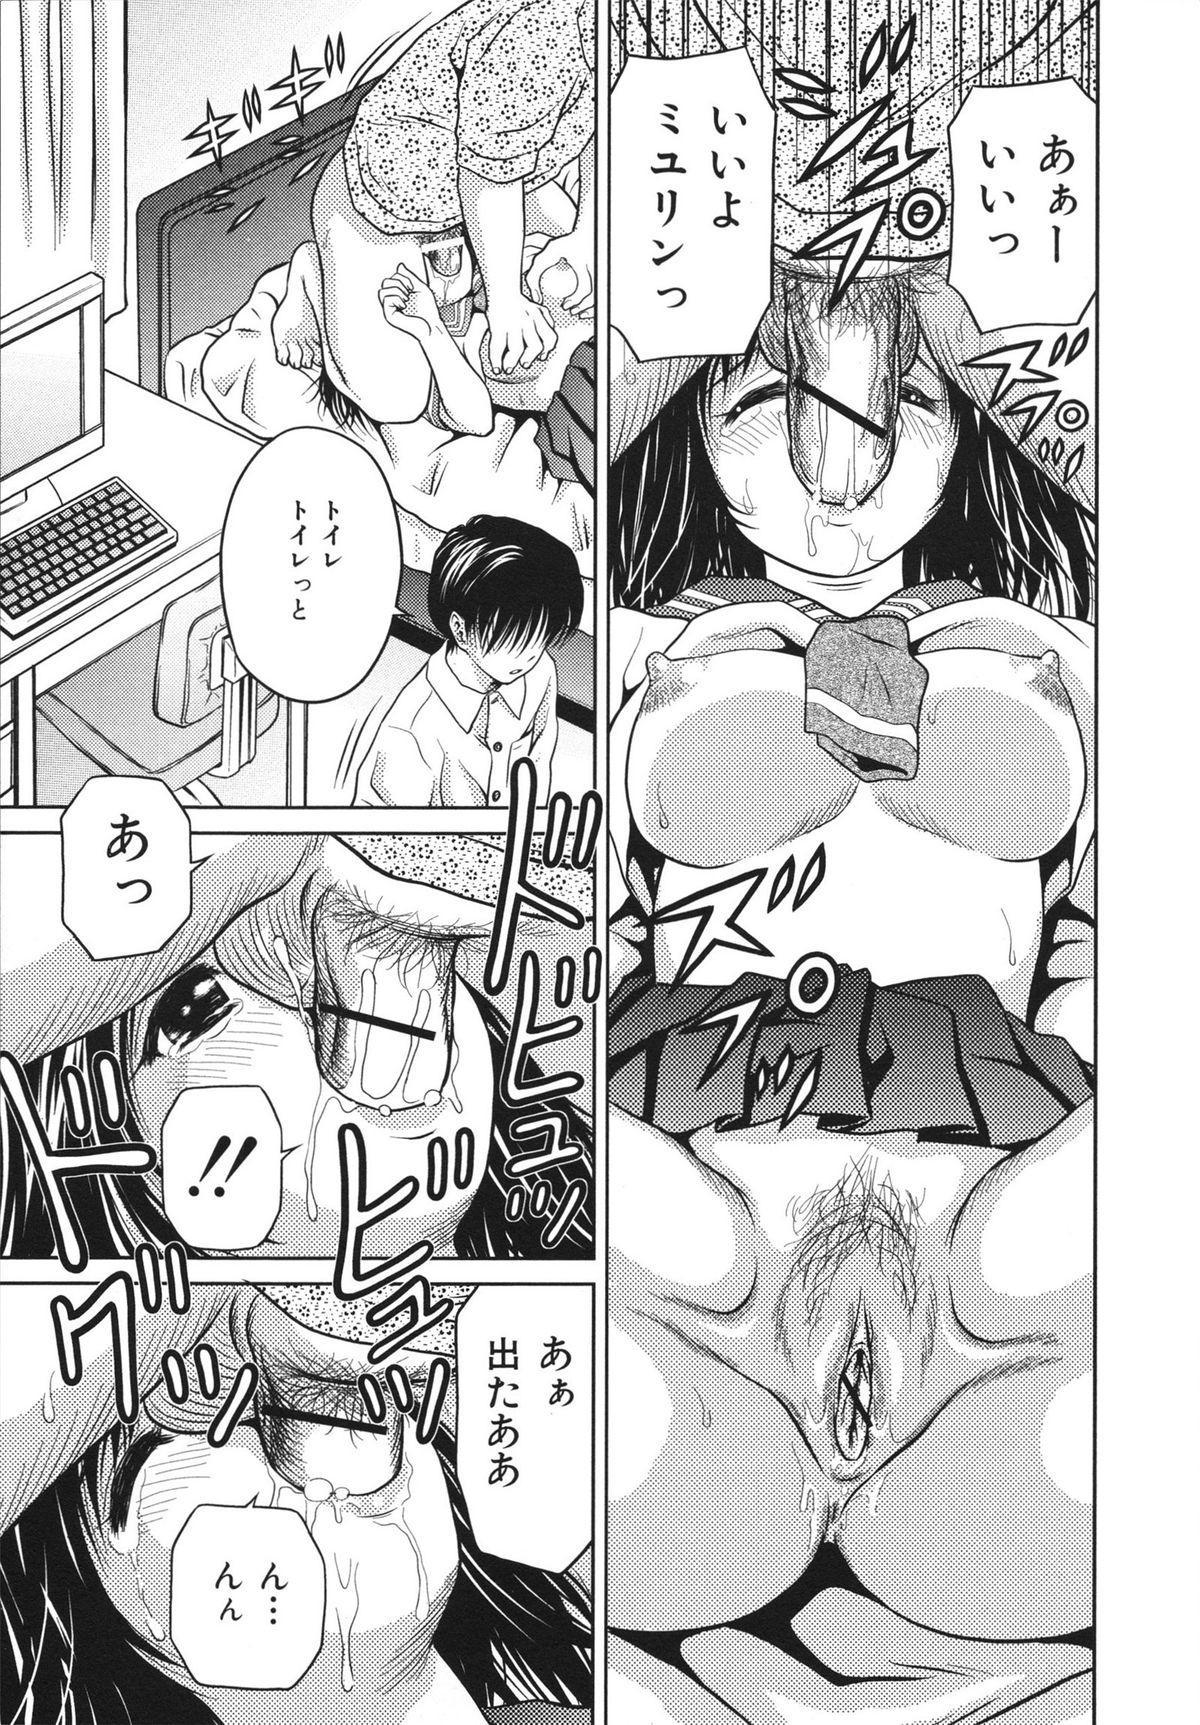 Houtai Shoujo - Bandage Girl 138